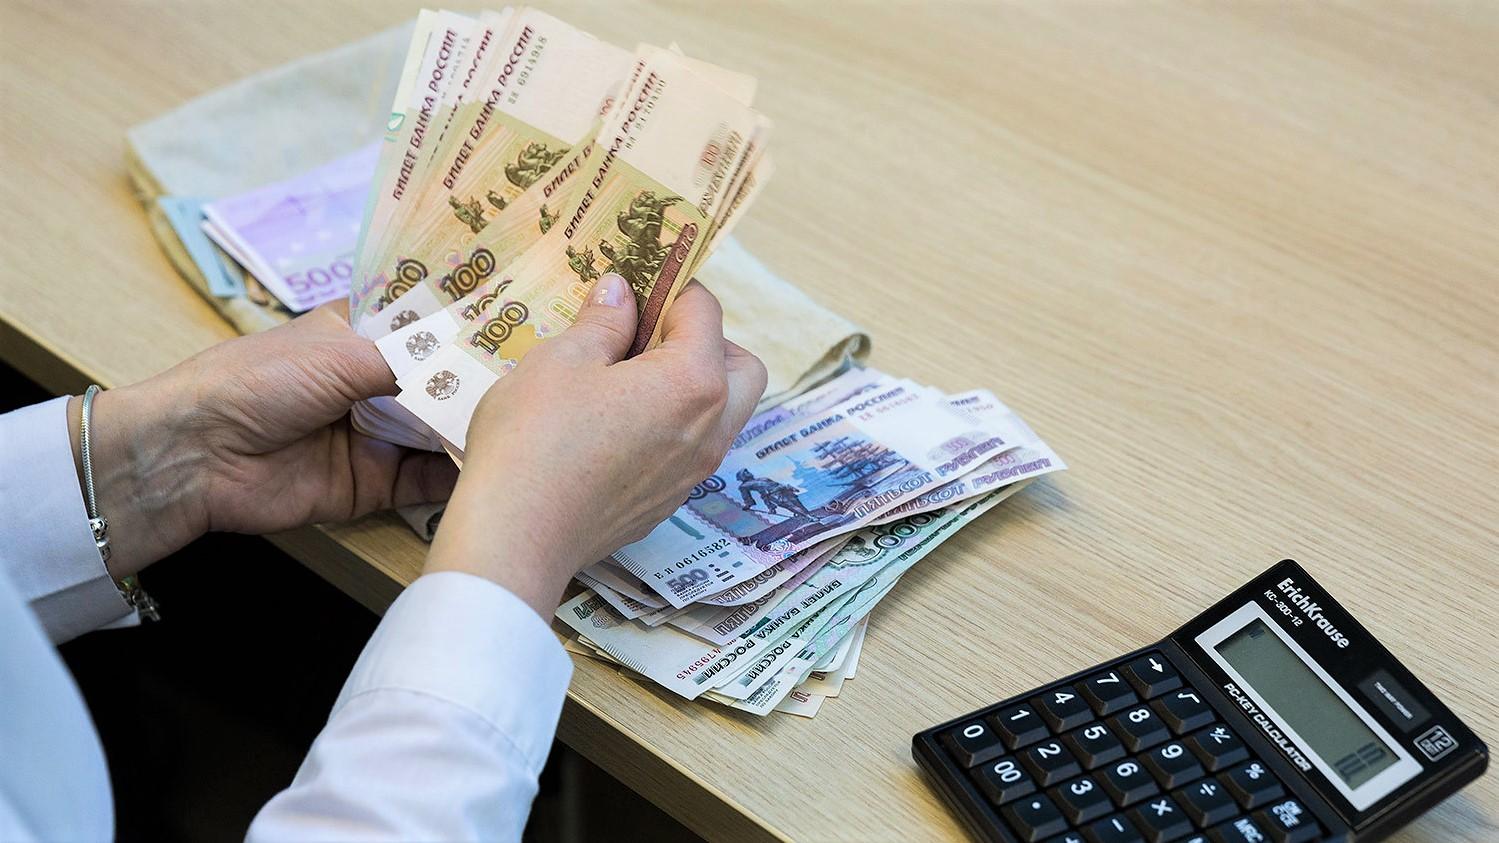 Более 23 тысячам брянских семей помогут с выплатами ЖКХ